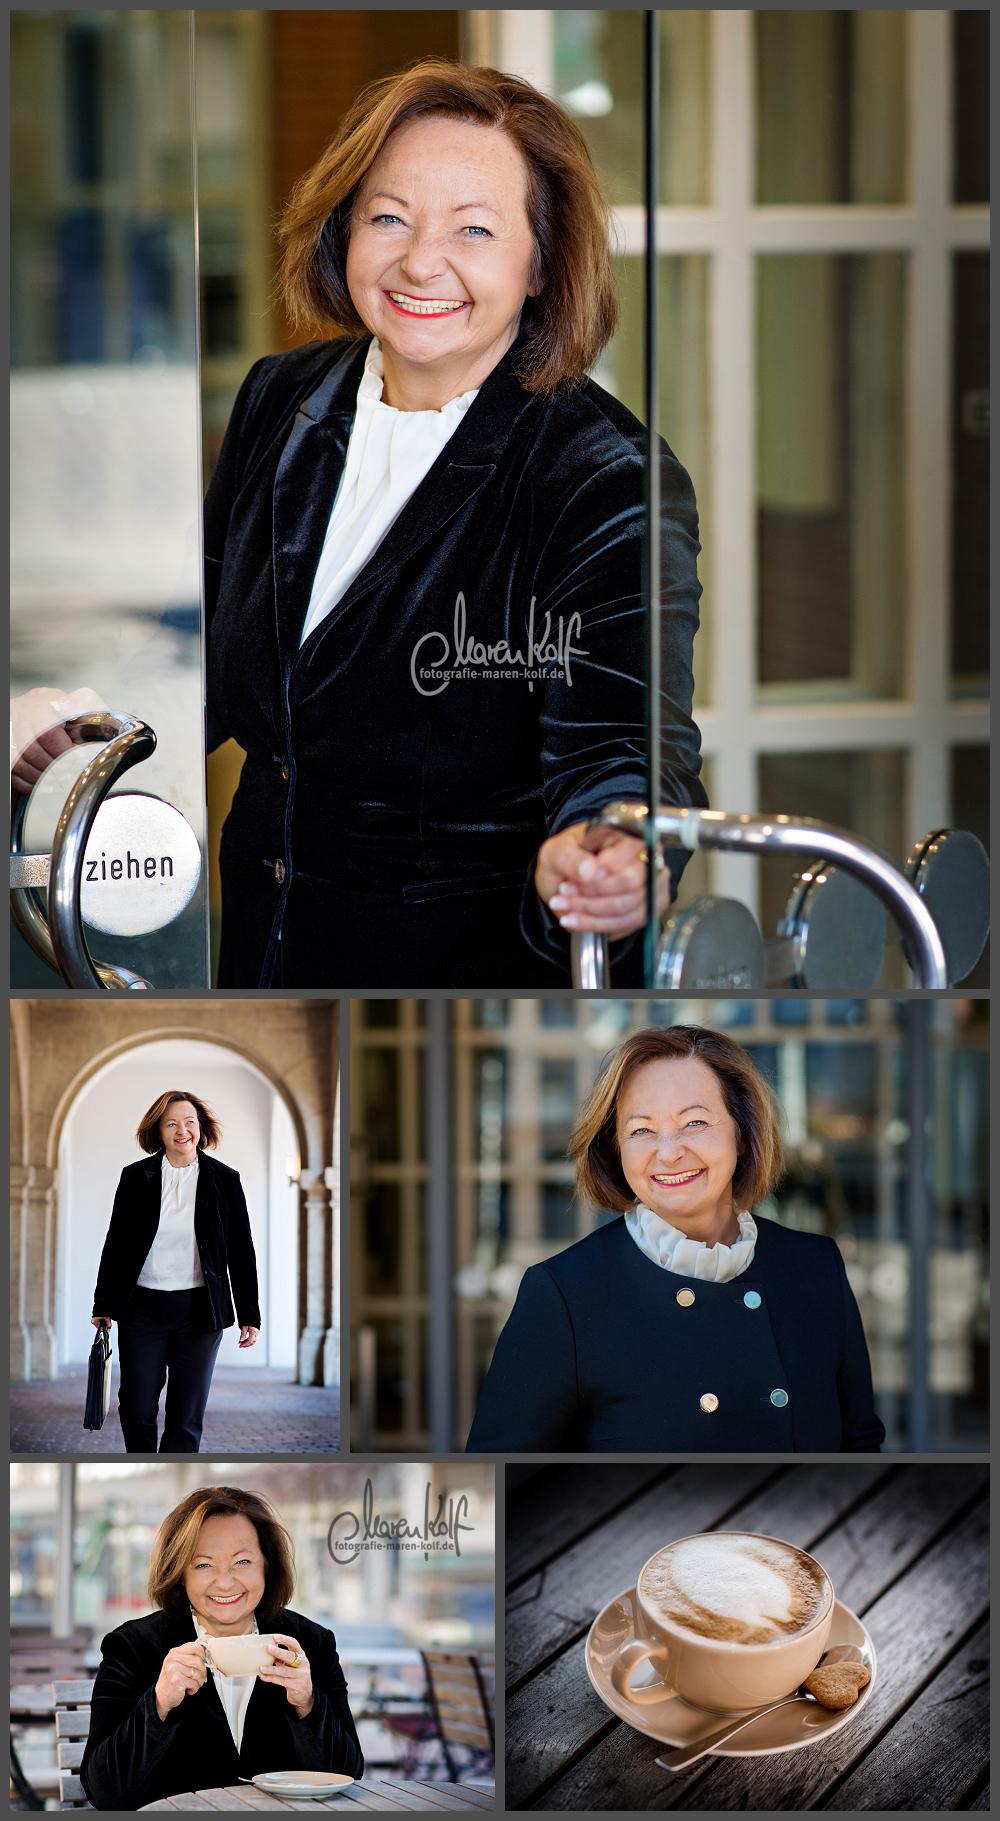 businessportraits-annette-boenning-rechtsanwaeltin-maren-kolf-fotografie-wedemark-blog